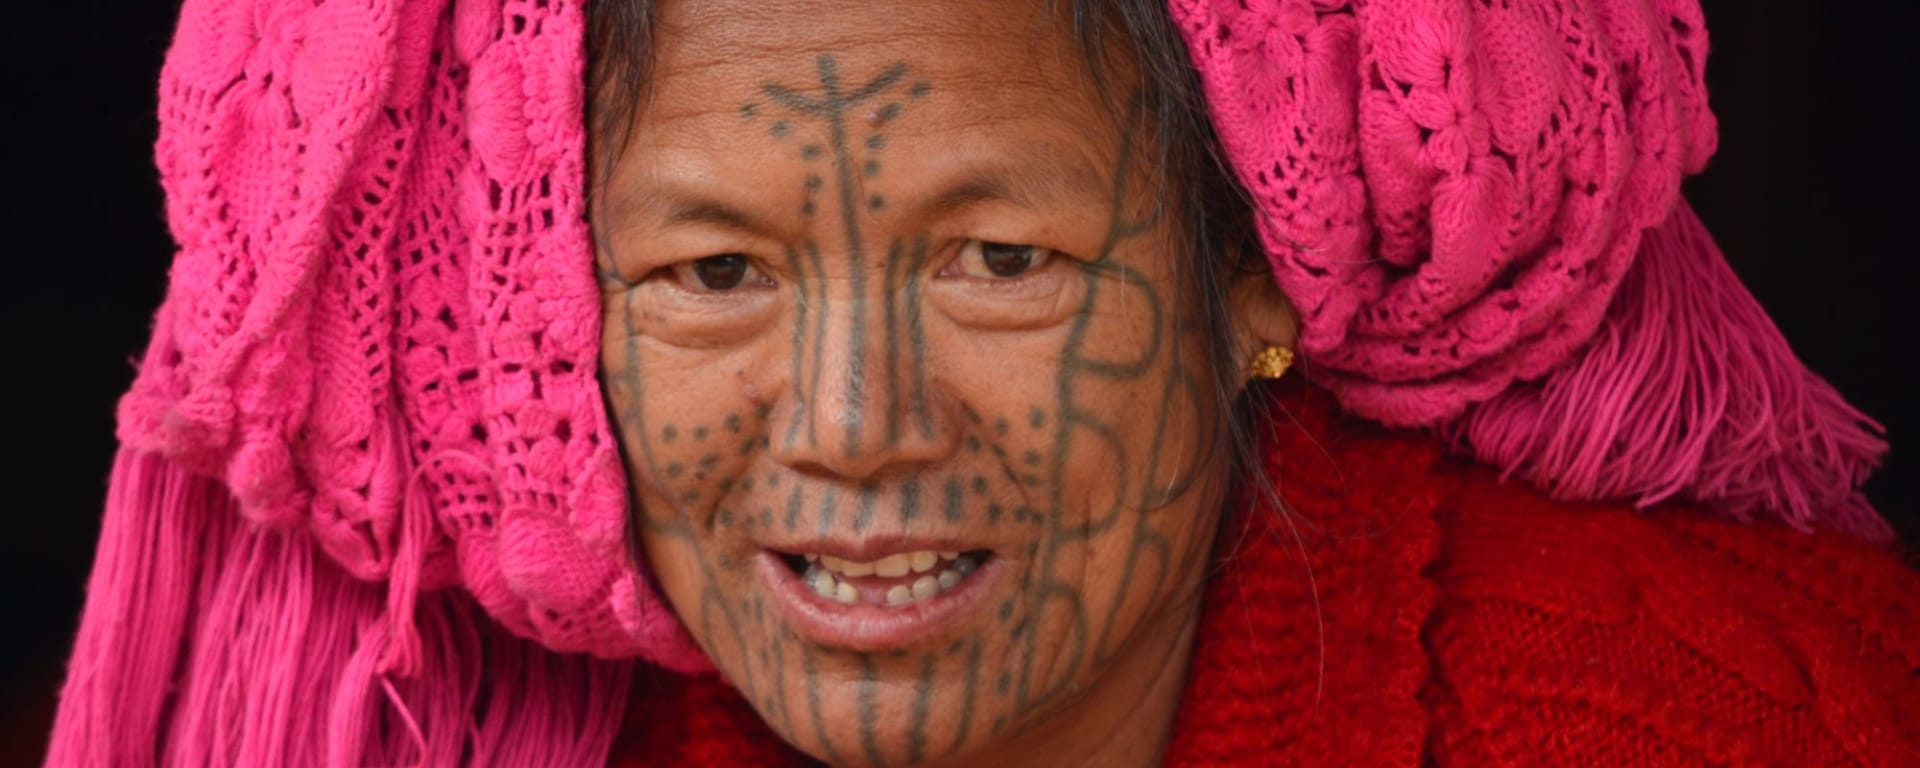 Ausflug in die Chin Berge ab Bagan: Myanmar Chin State People